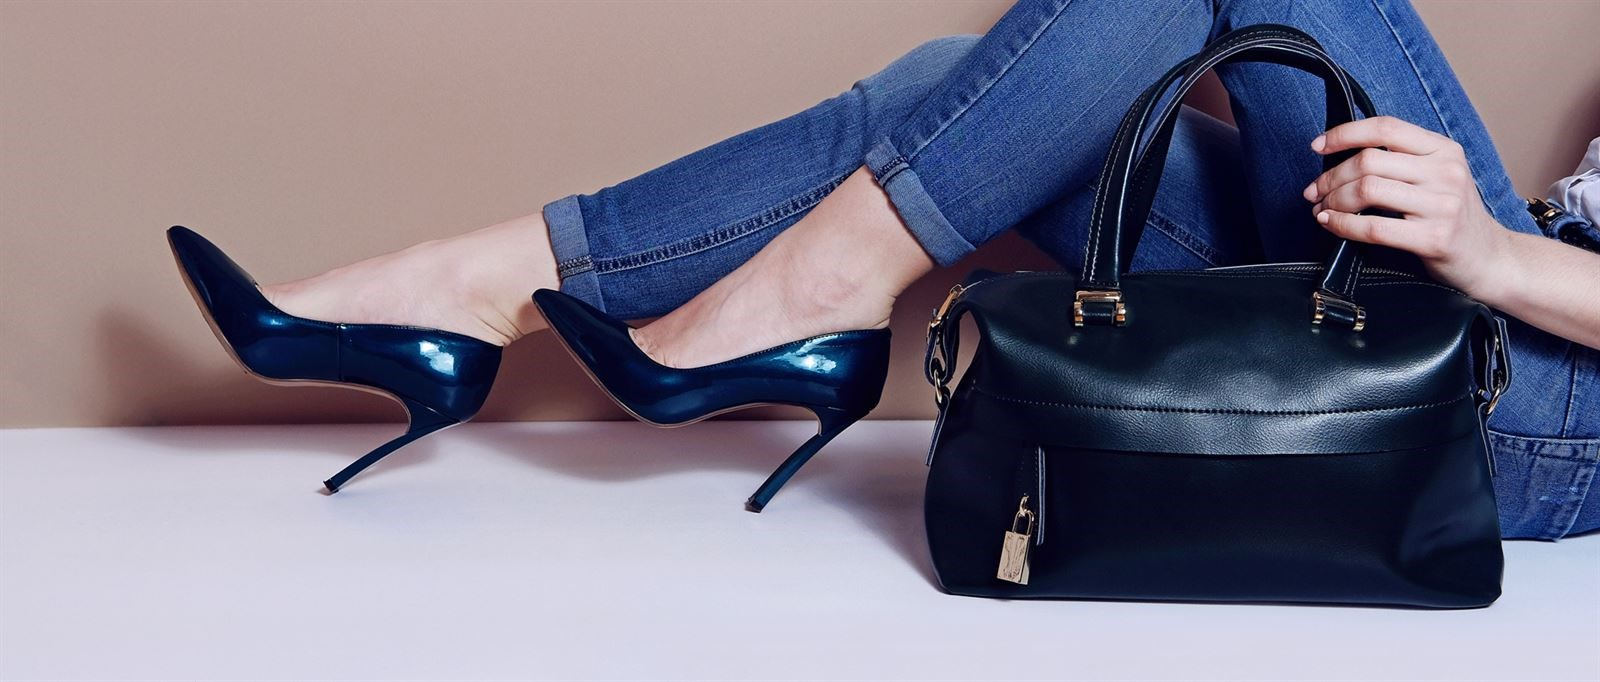 92e4d40a4a9 Zapatos y complementos de moda